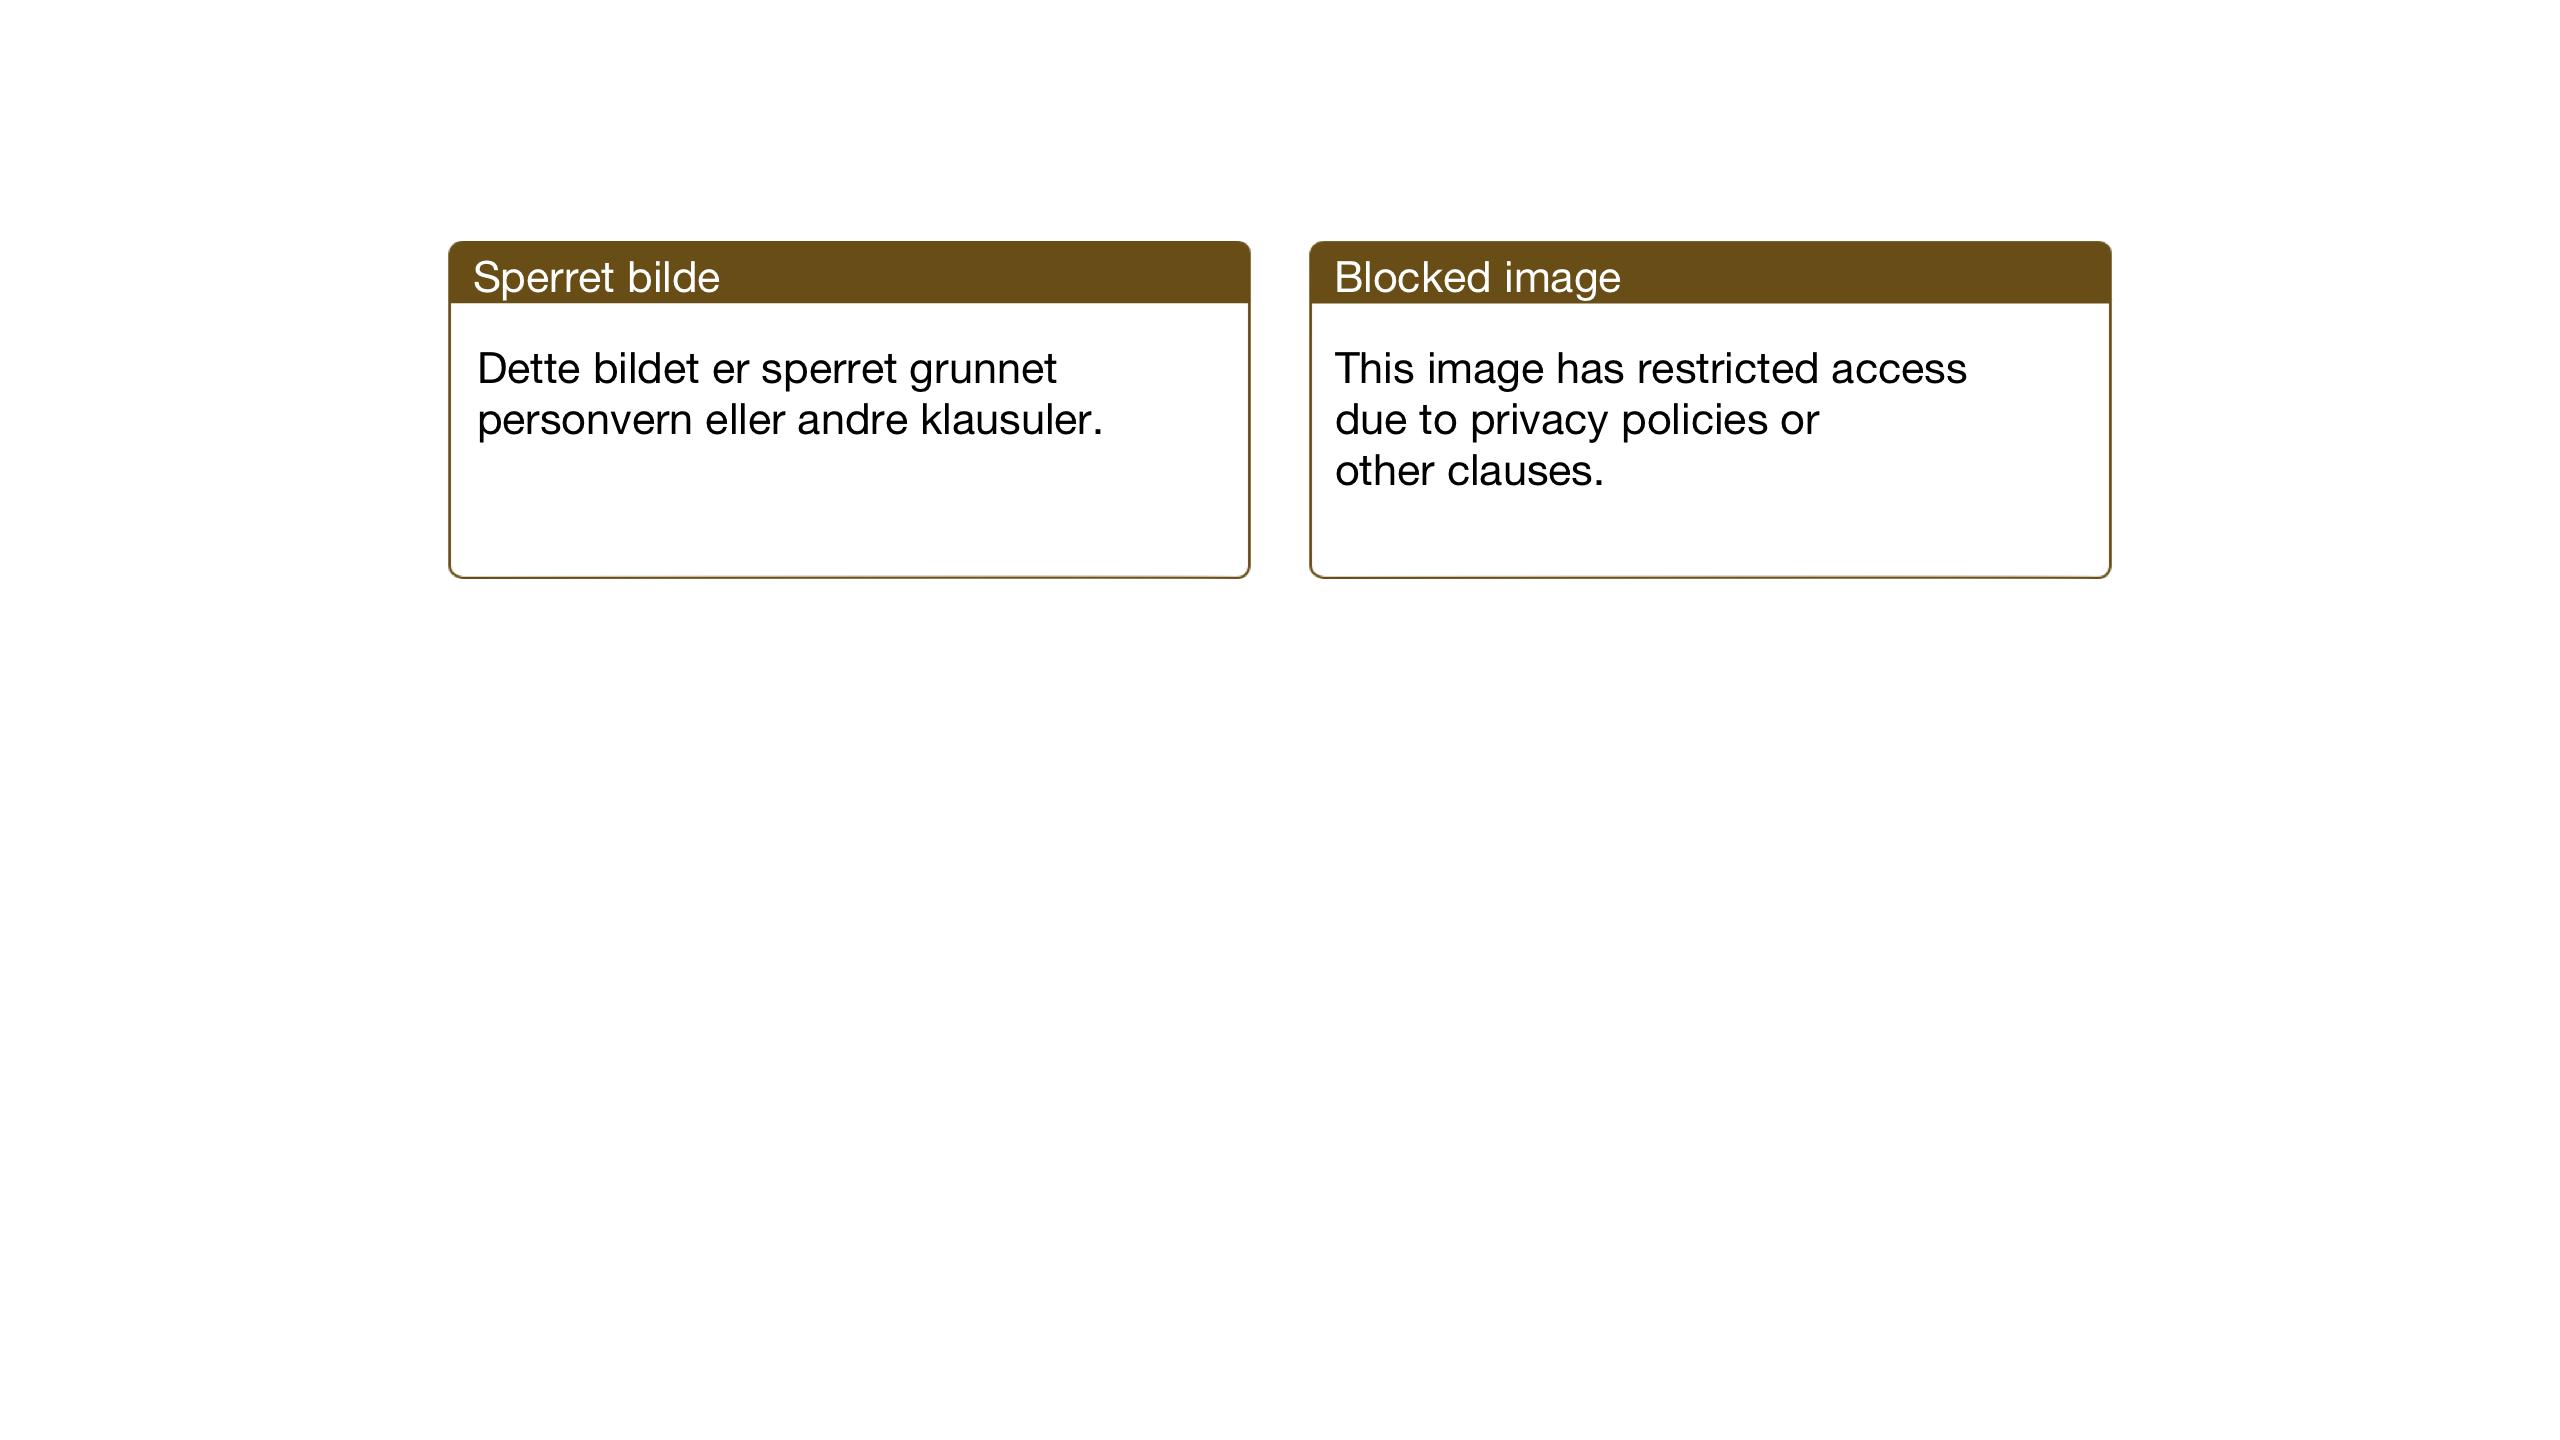 SAT, Ministerialprotokoller, klokkerbøker og fødselsregistre - Sør-Trøndelag, 637/L0563: Klokkerbok nr. 637C04, 1899-1940, s. 90